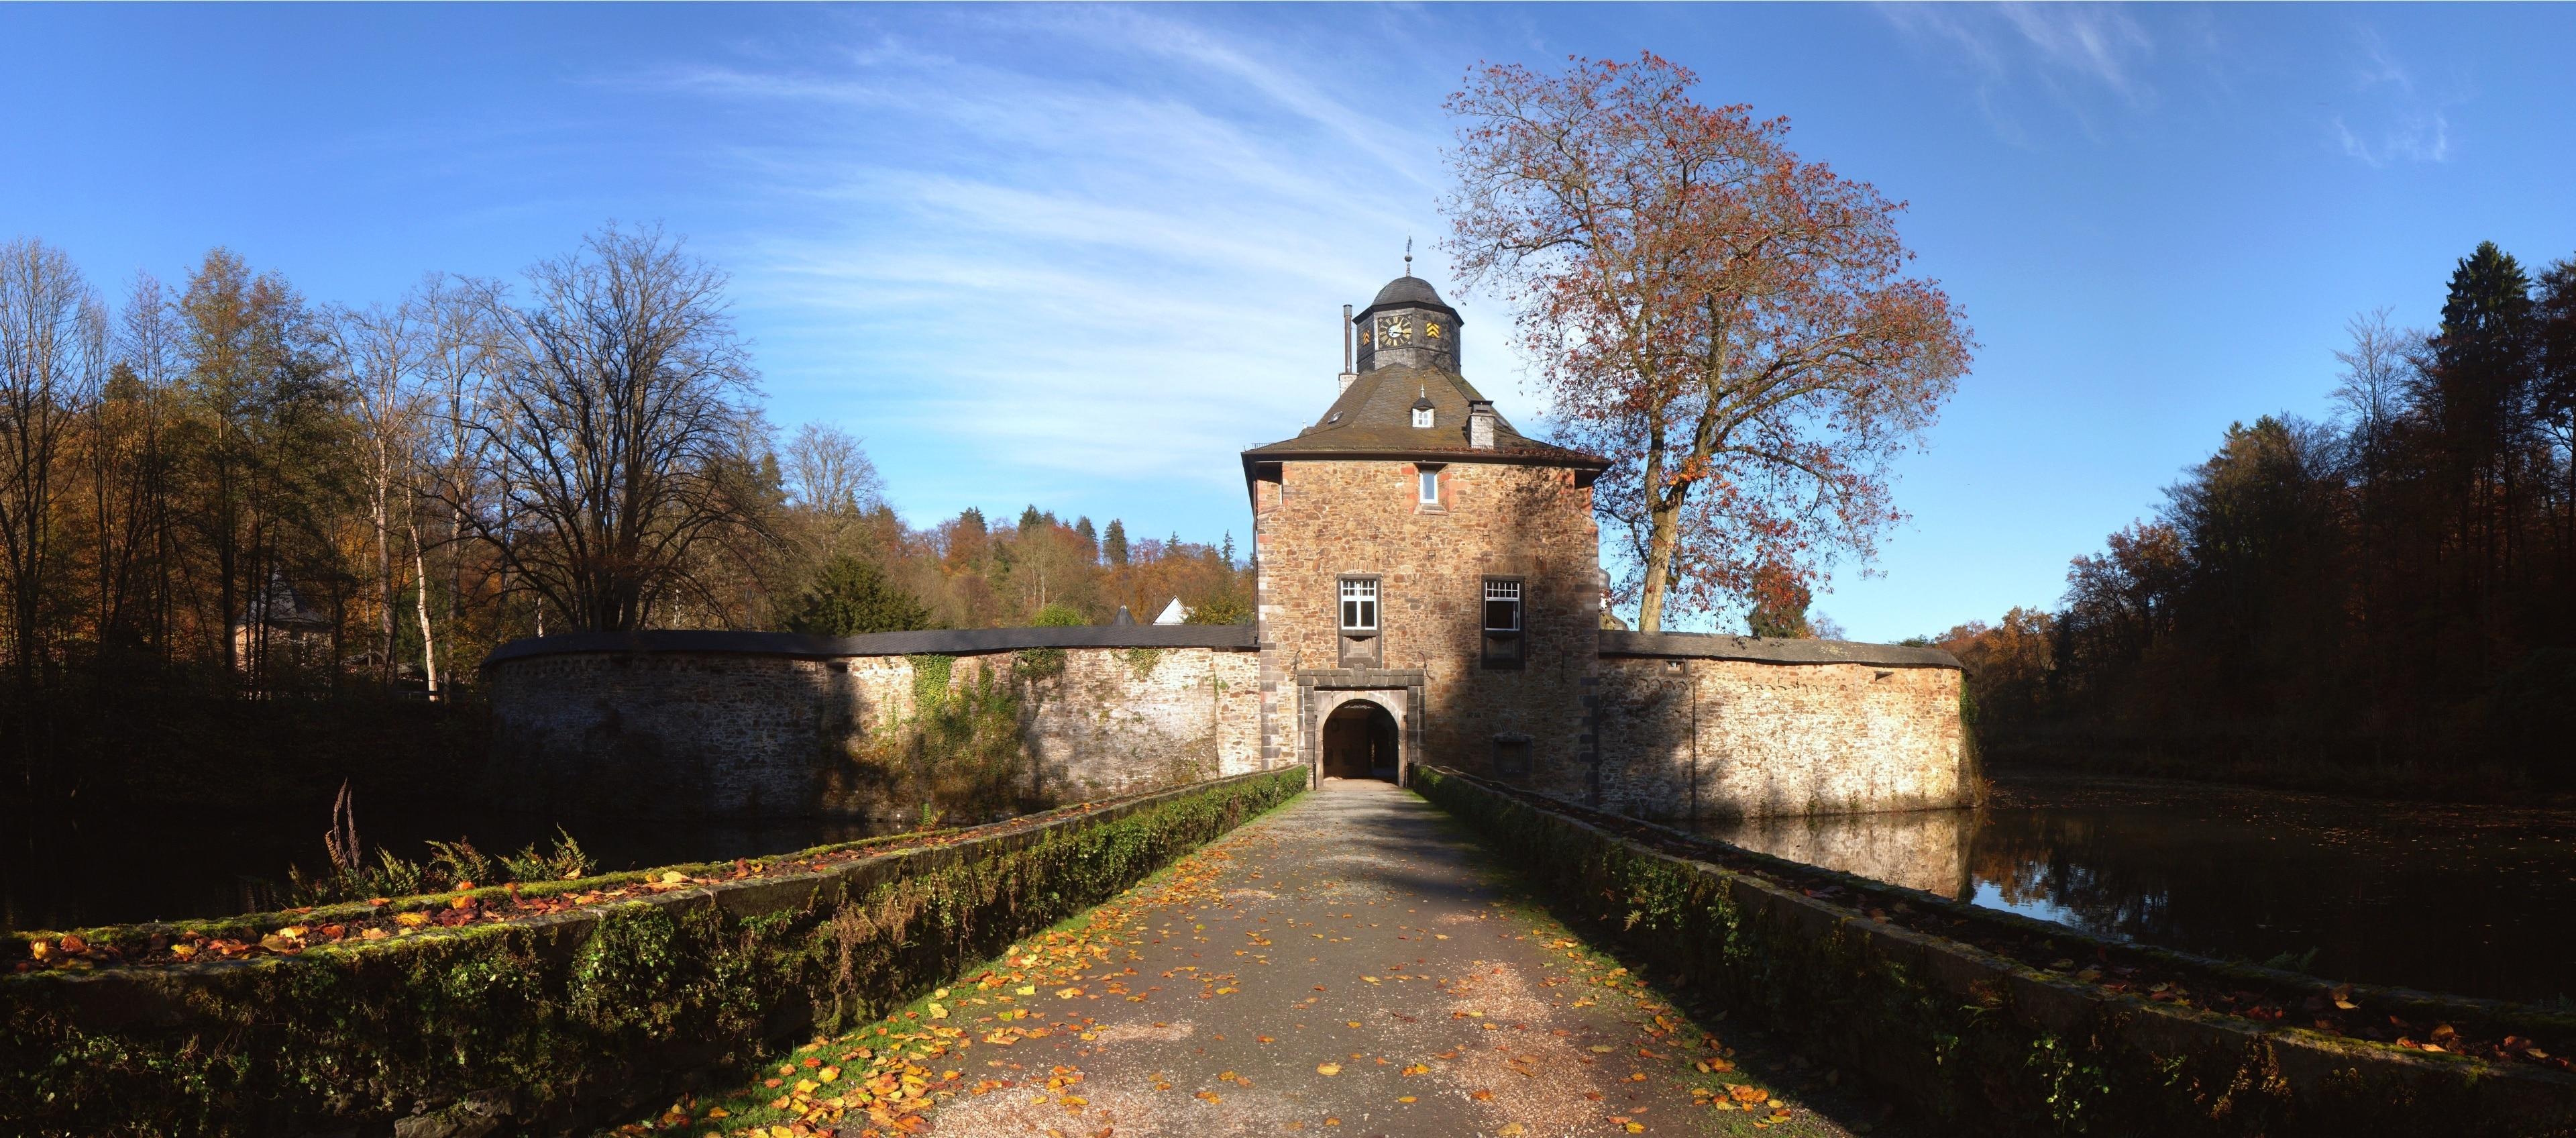 Landkreis Altenkirchen, Rheinland-Pfalz, Tyskland